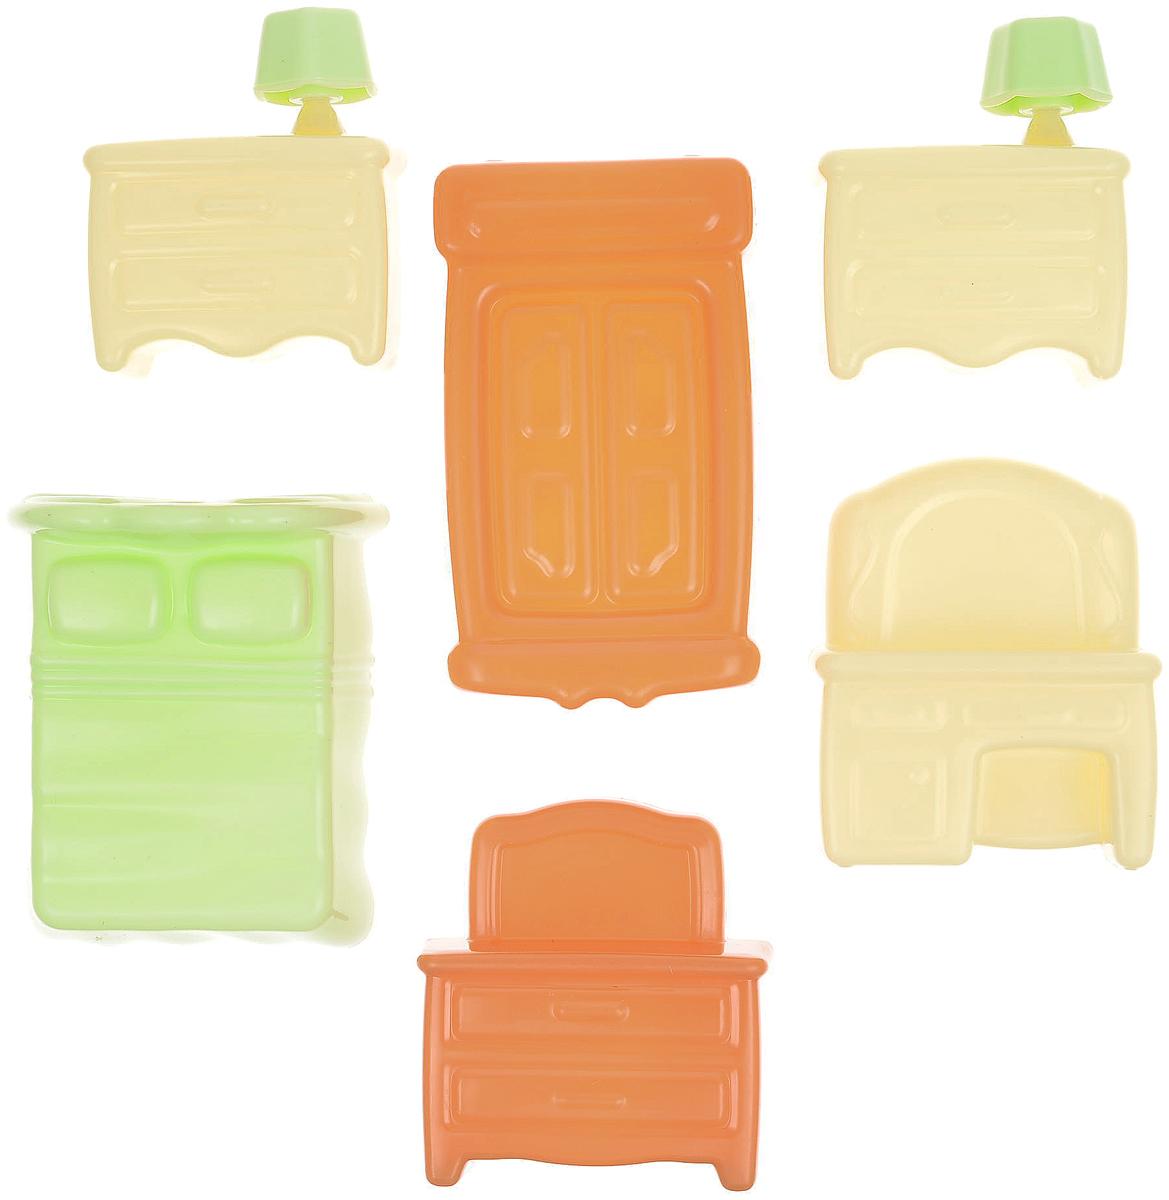 Фото - Полесье Набор мебели для кукол №1, цвет в ассортименте полесье набор игрушек для песочницы 468 цвет в ассортименте